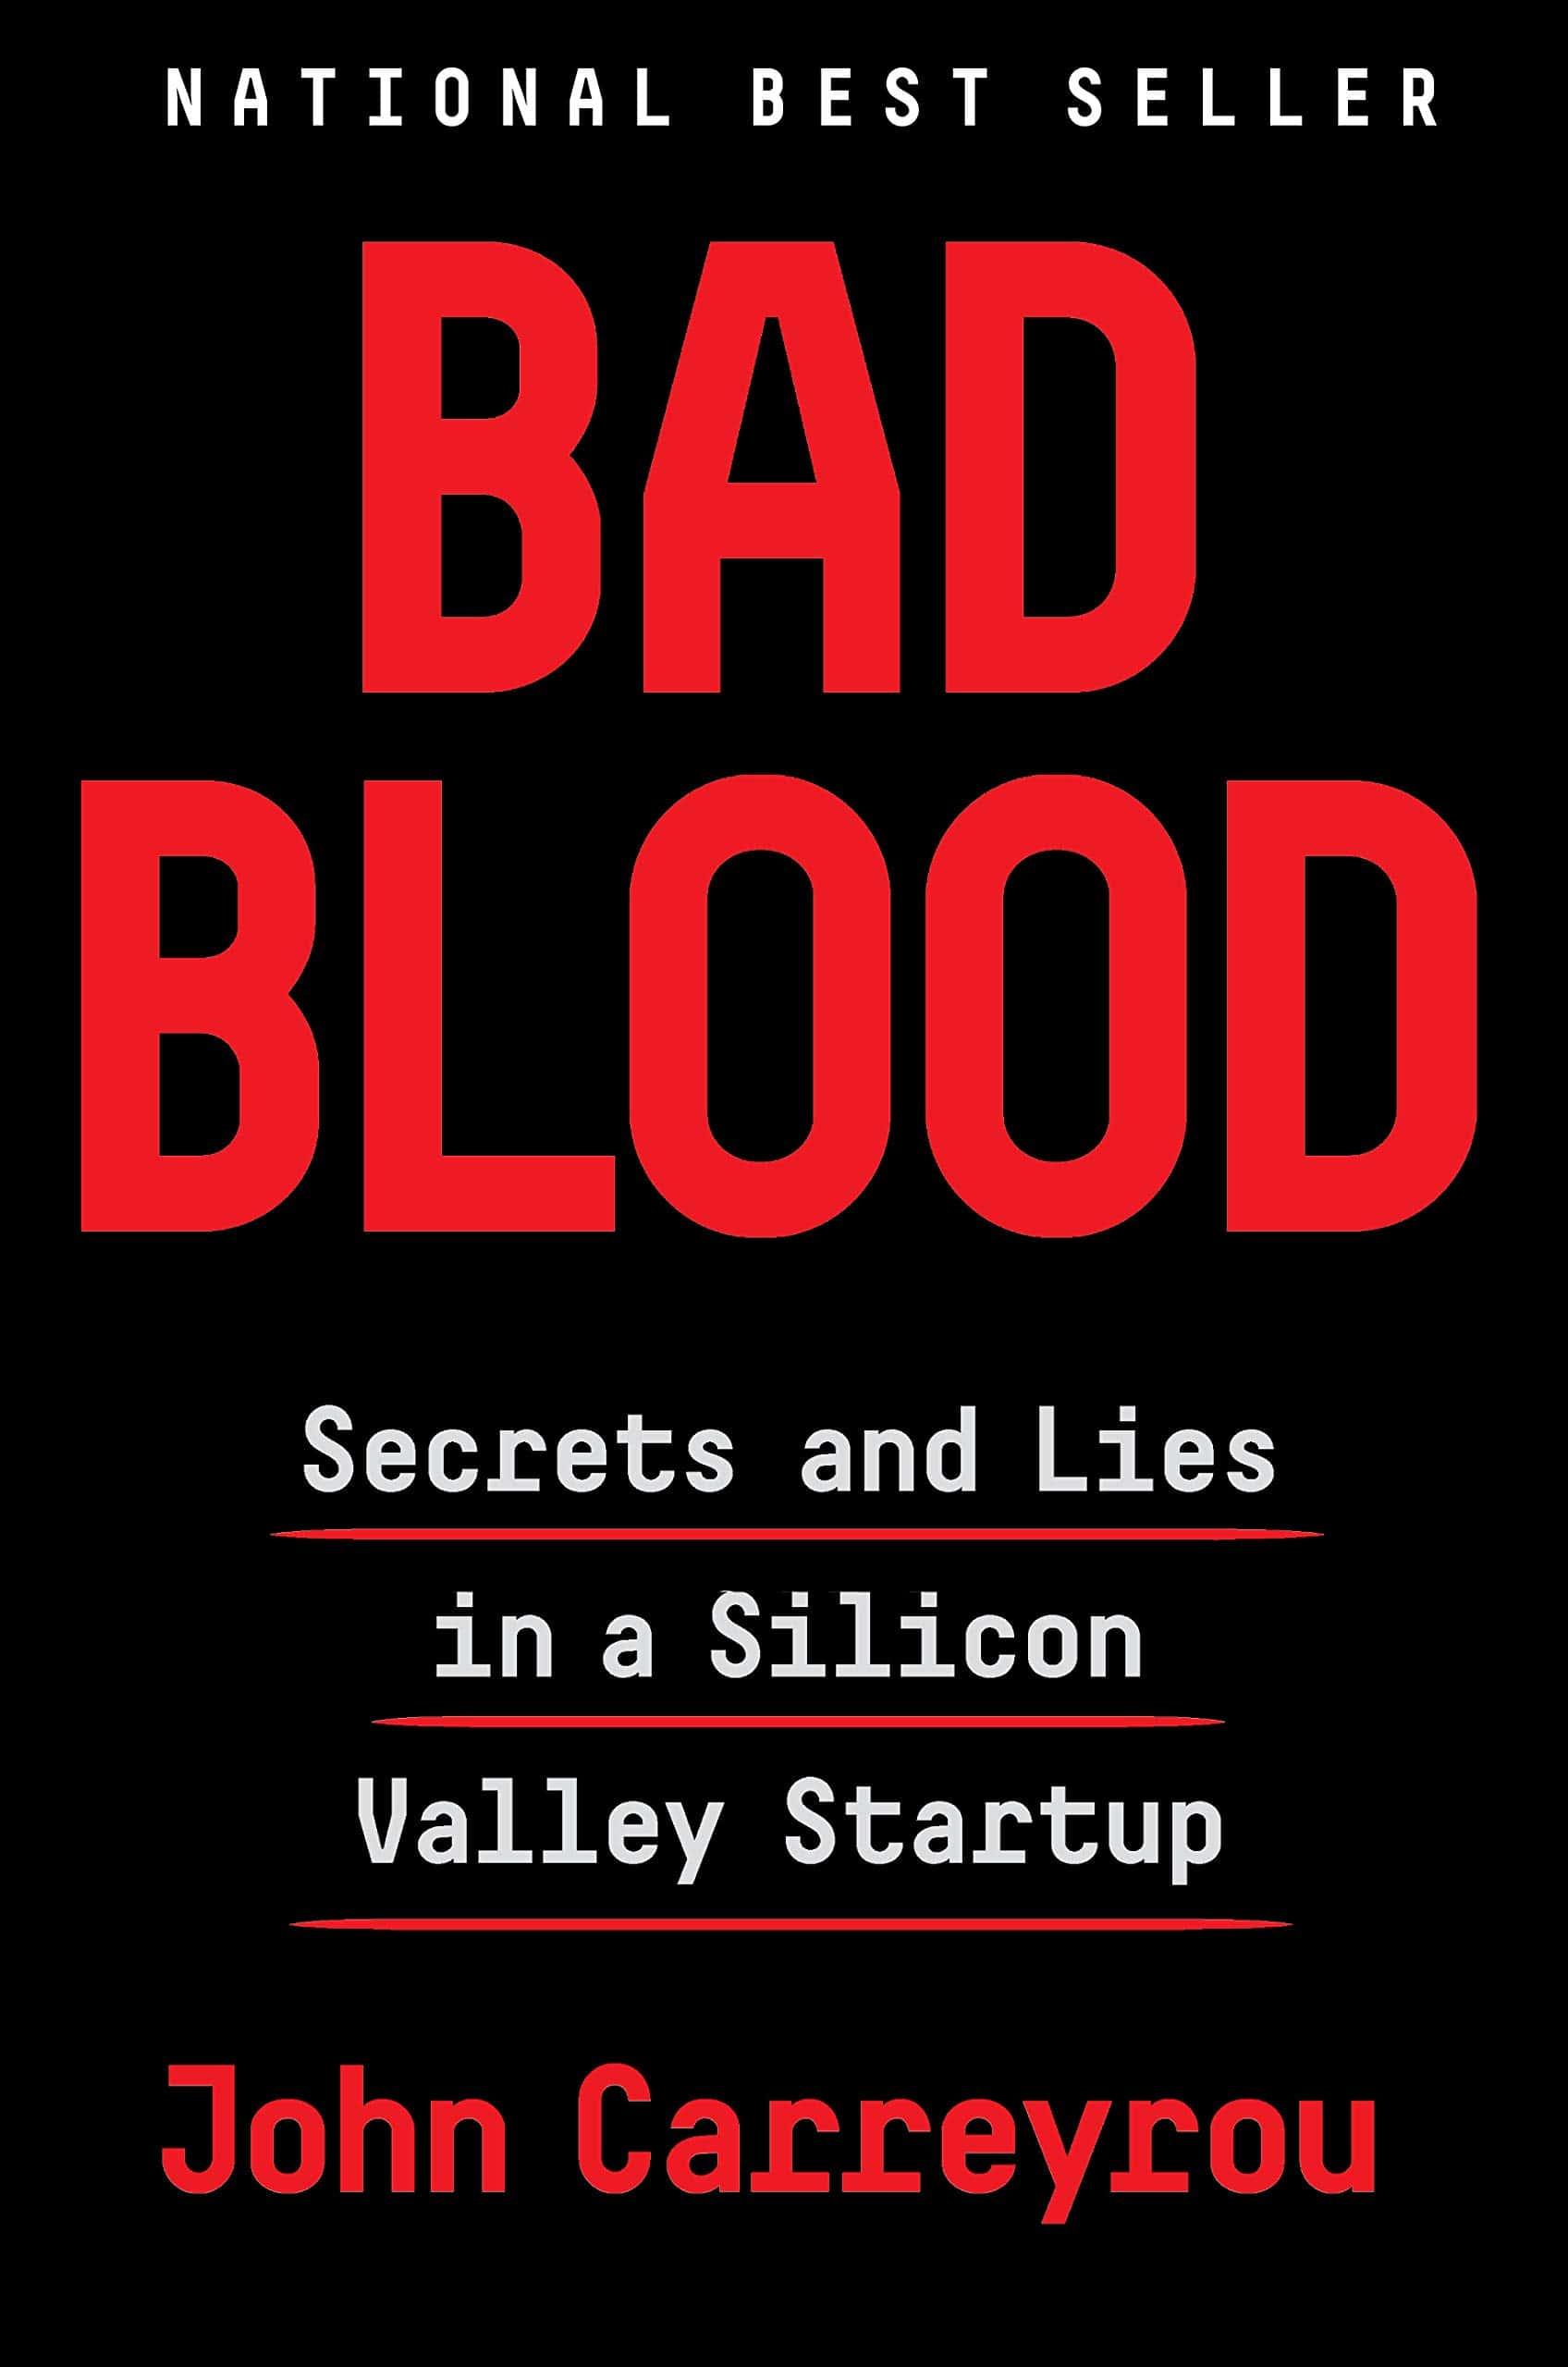 Bad Blood: Secrets and Lies in a Silicon Valley Startup, kirjoittanut John Carreyrou - kirjan kansikuva